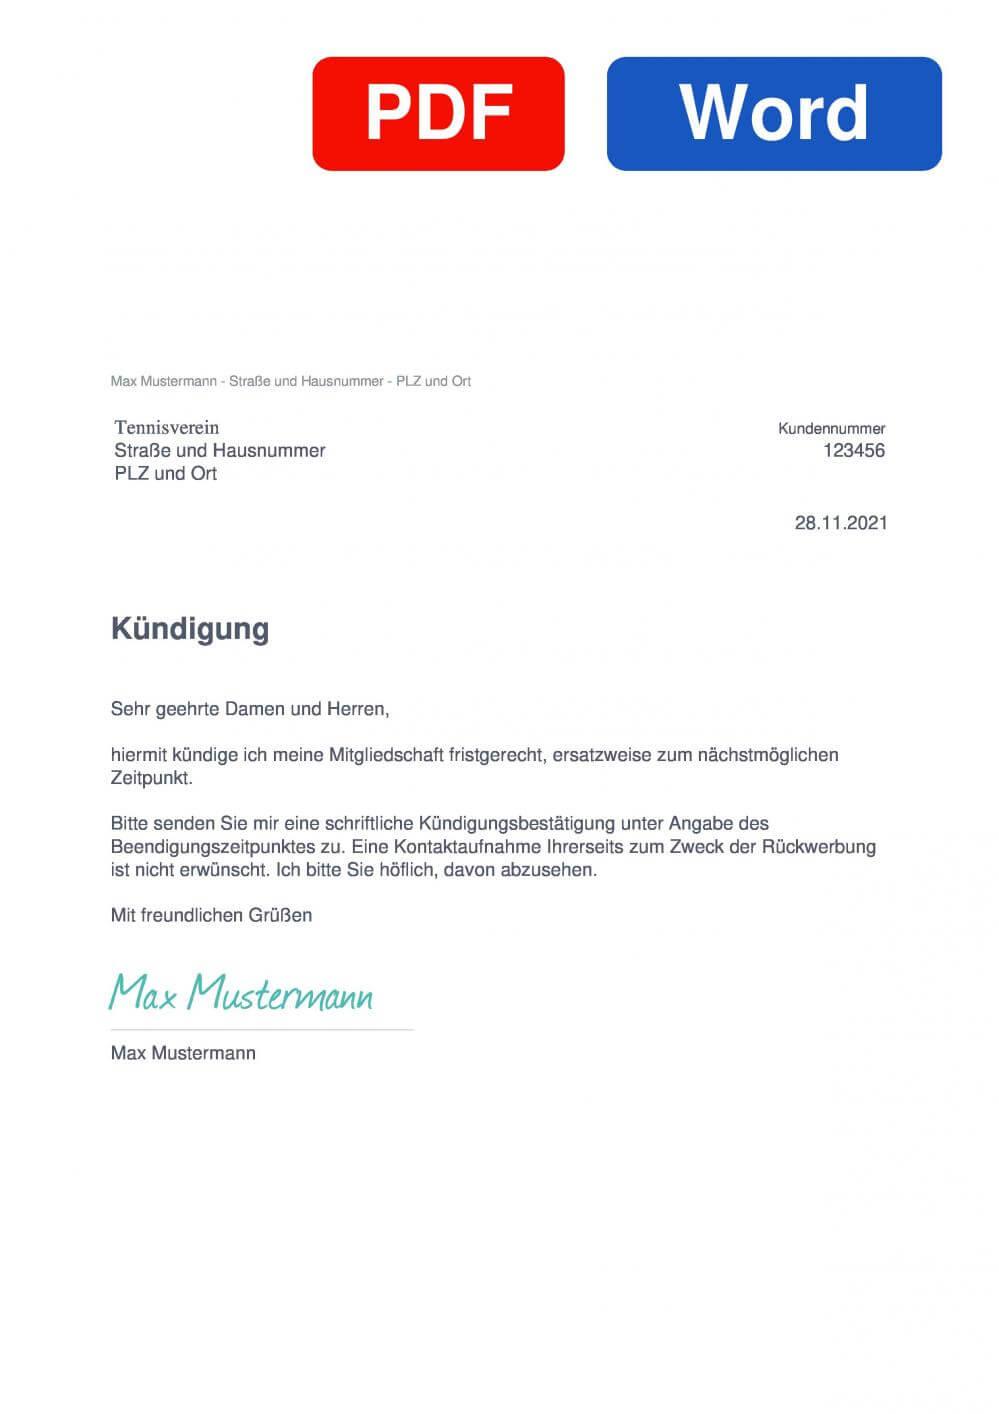 Tennisverein Muster Vorlage für Kündigungsschreiben